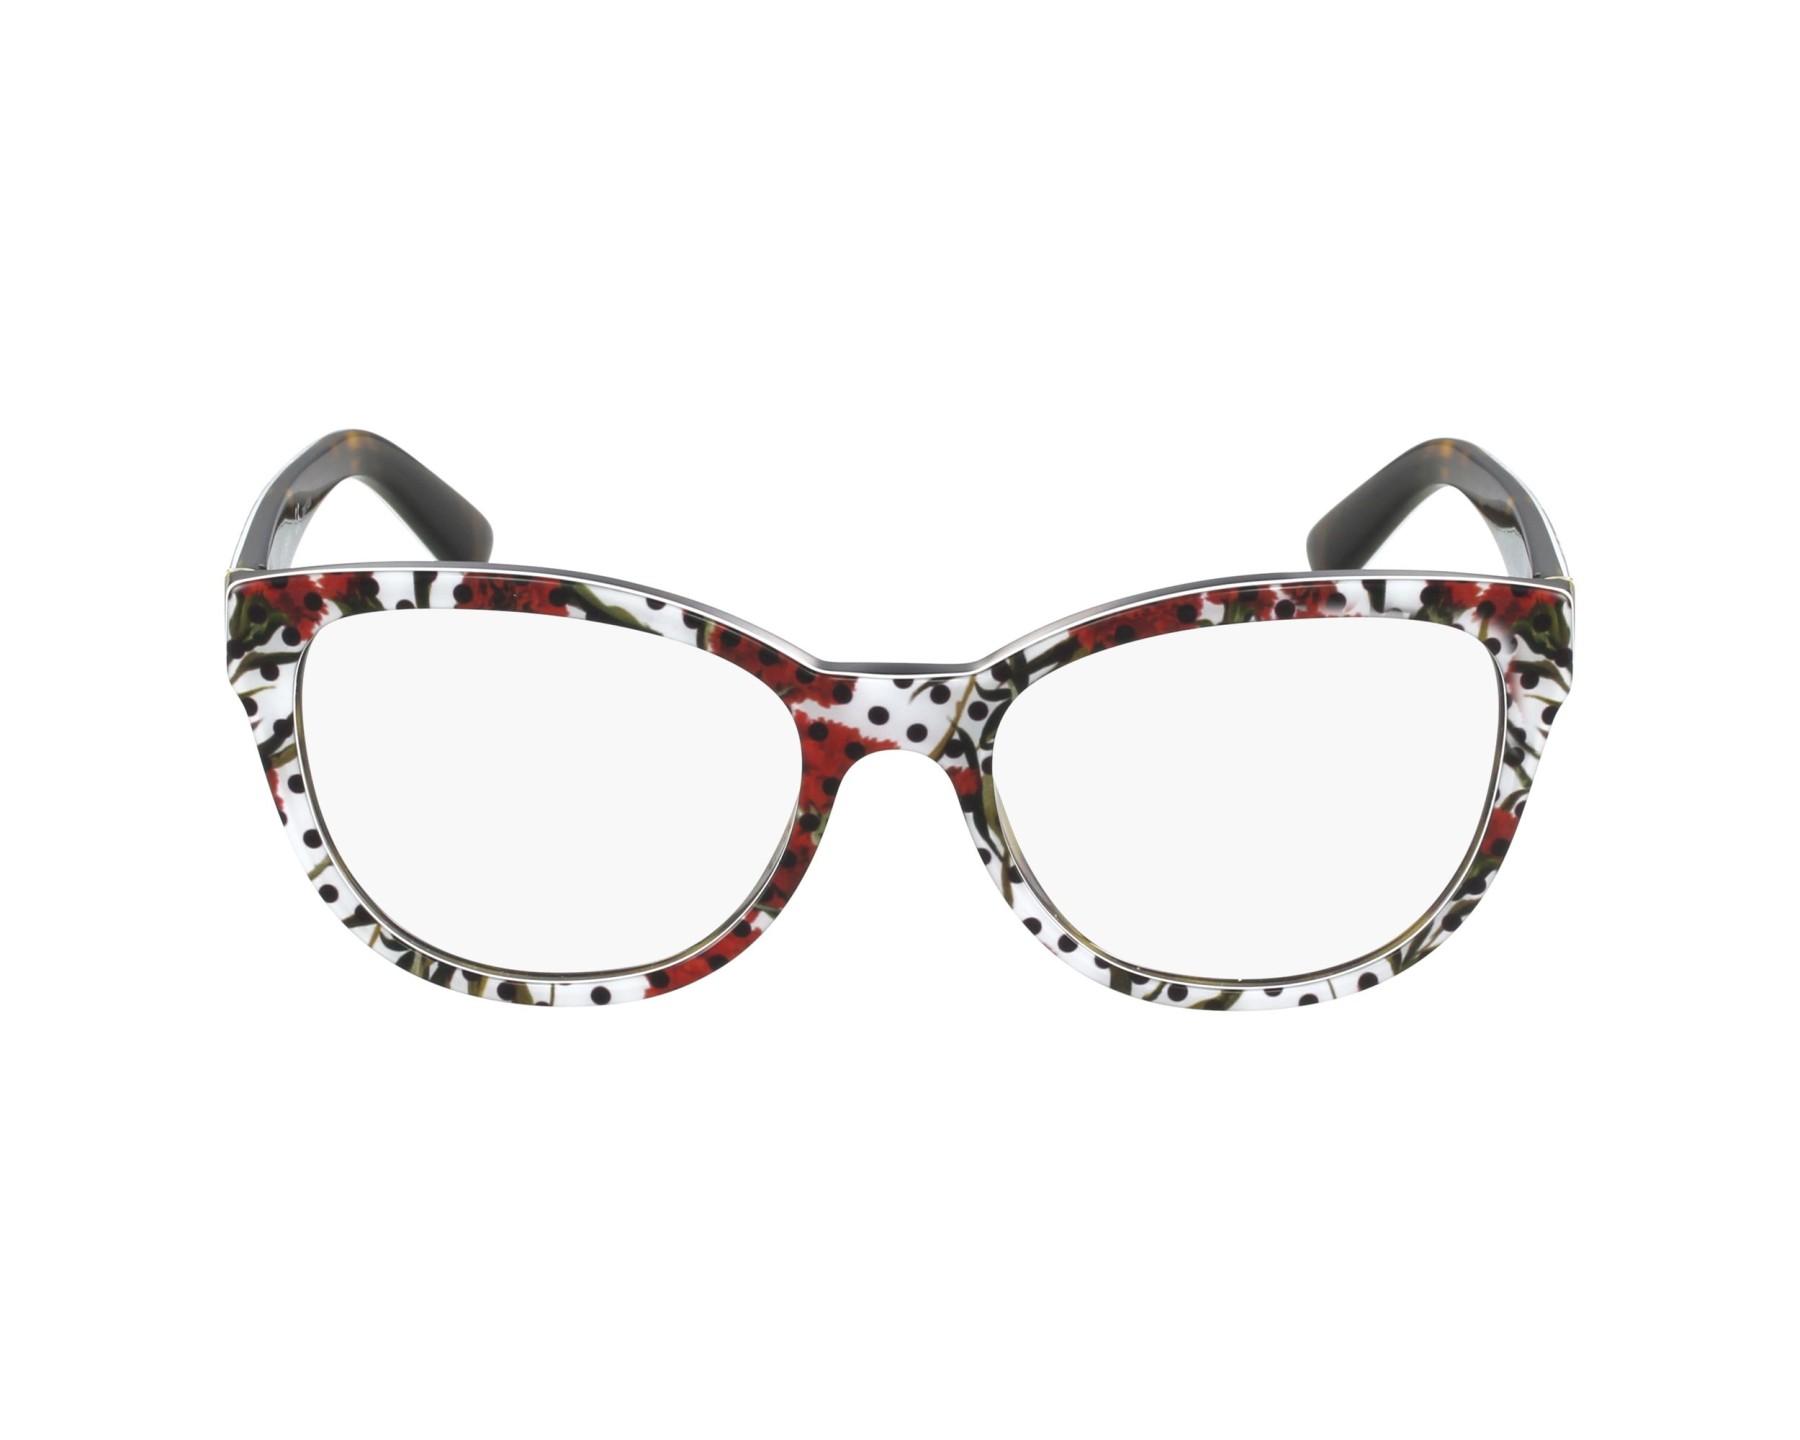 8cc72b3fb3 Gafas Graduadas Dolce & Gabbana DG-3209 2977 - Mix vista de perfil